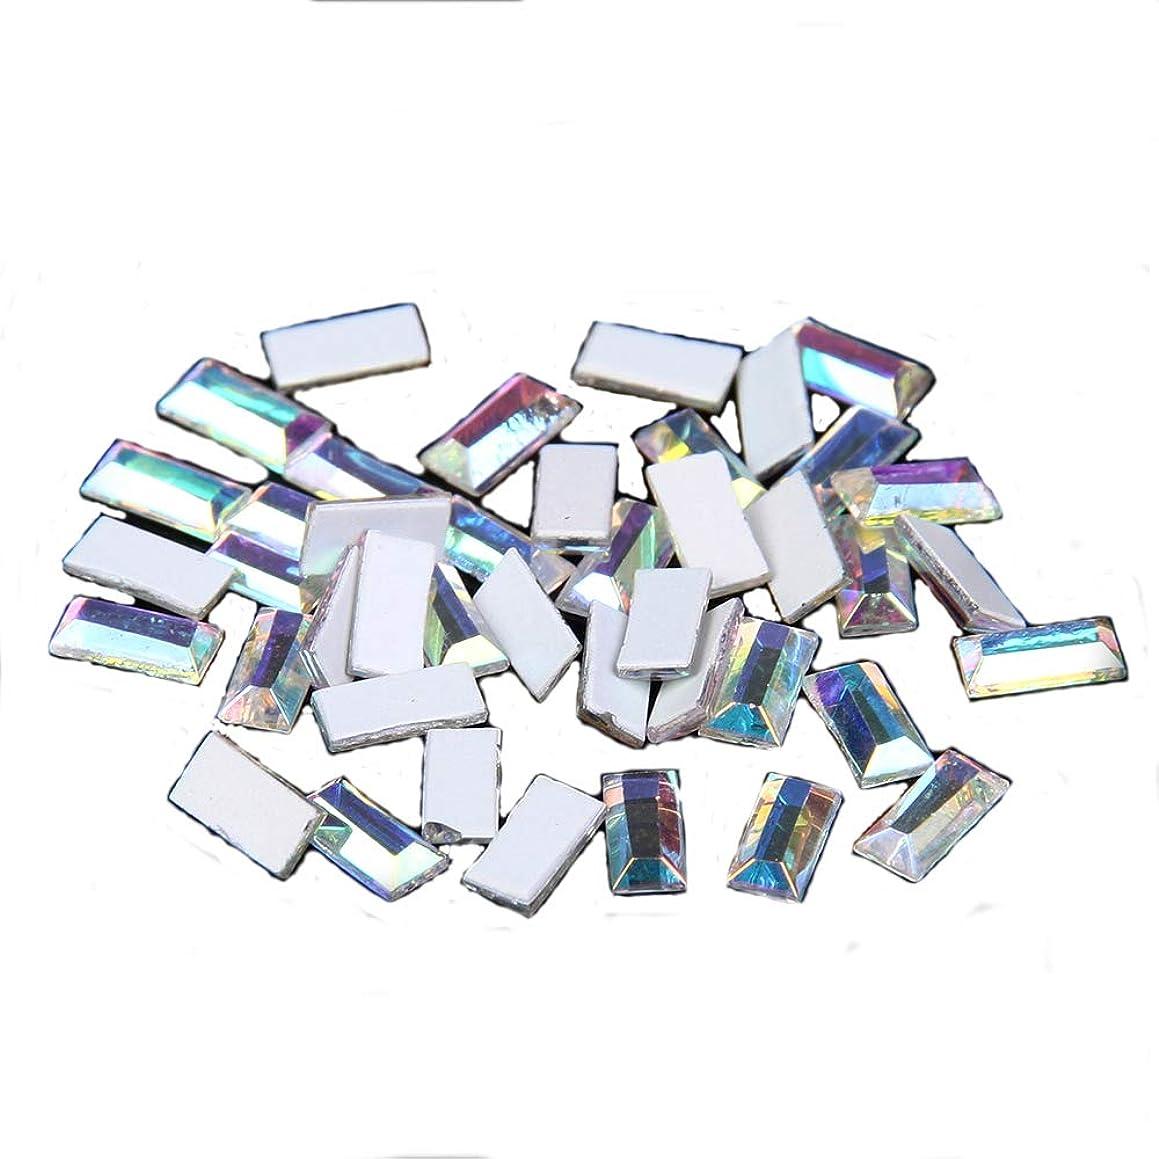 ピアース早いアリーナNizi ジュエリー ブランド 50粒ガラスネイルアート用品 ネイルステッカー DIY 装飾用 クリスタルオーロラ 多くのスタイル (長方形 5x2.5mm)